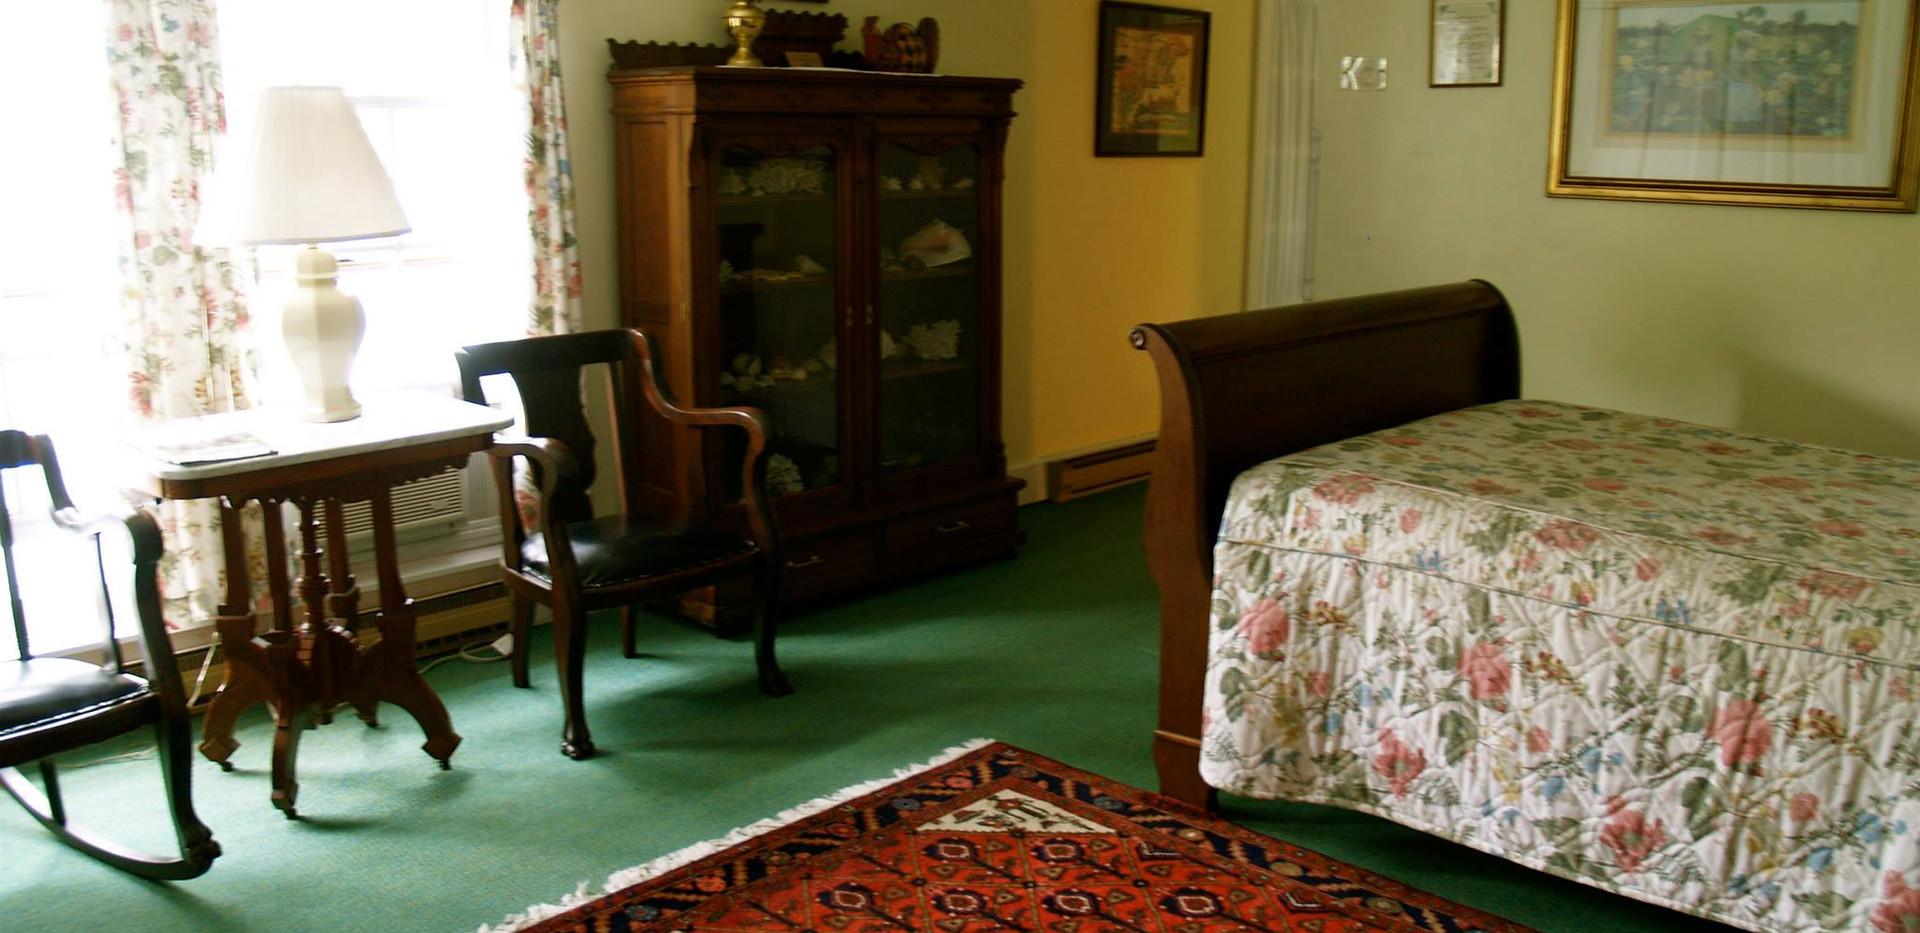 The Col William Preston Suite